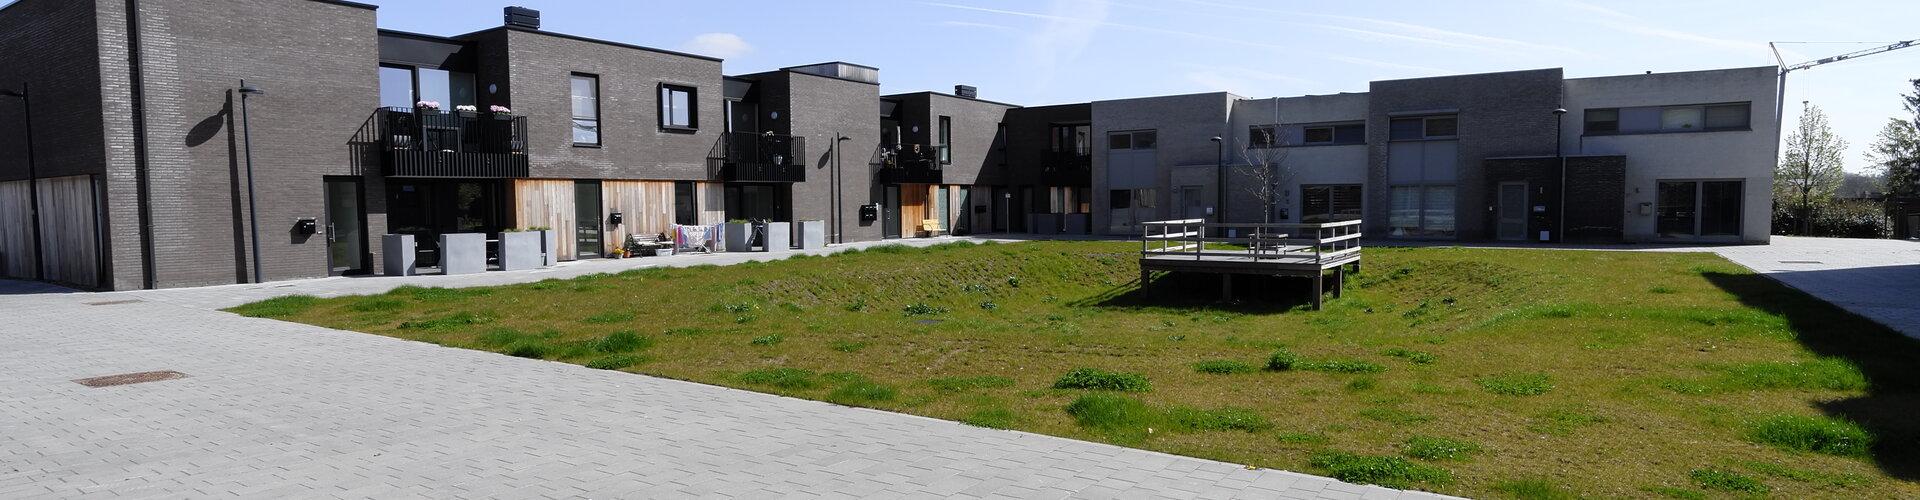 21 nieuwe sociale assistentiewoningen in Hoeselt